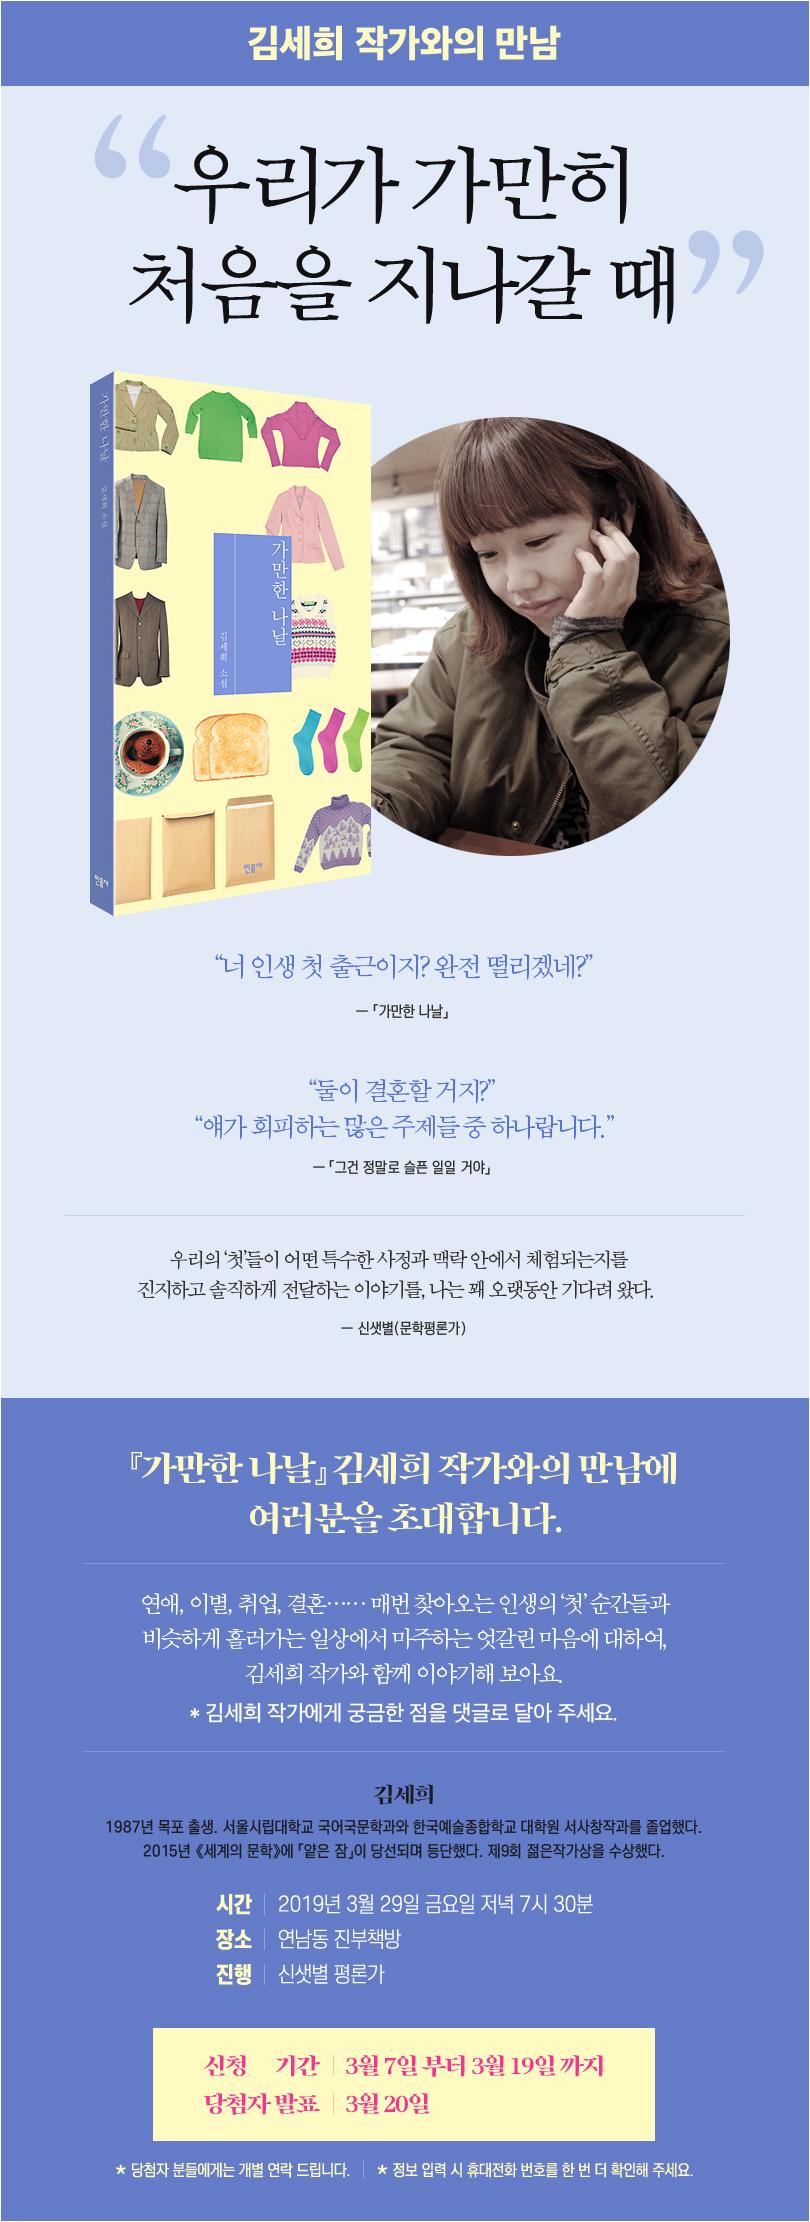 810_민음사_기만한나날북토크 (1)